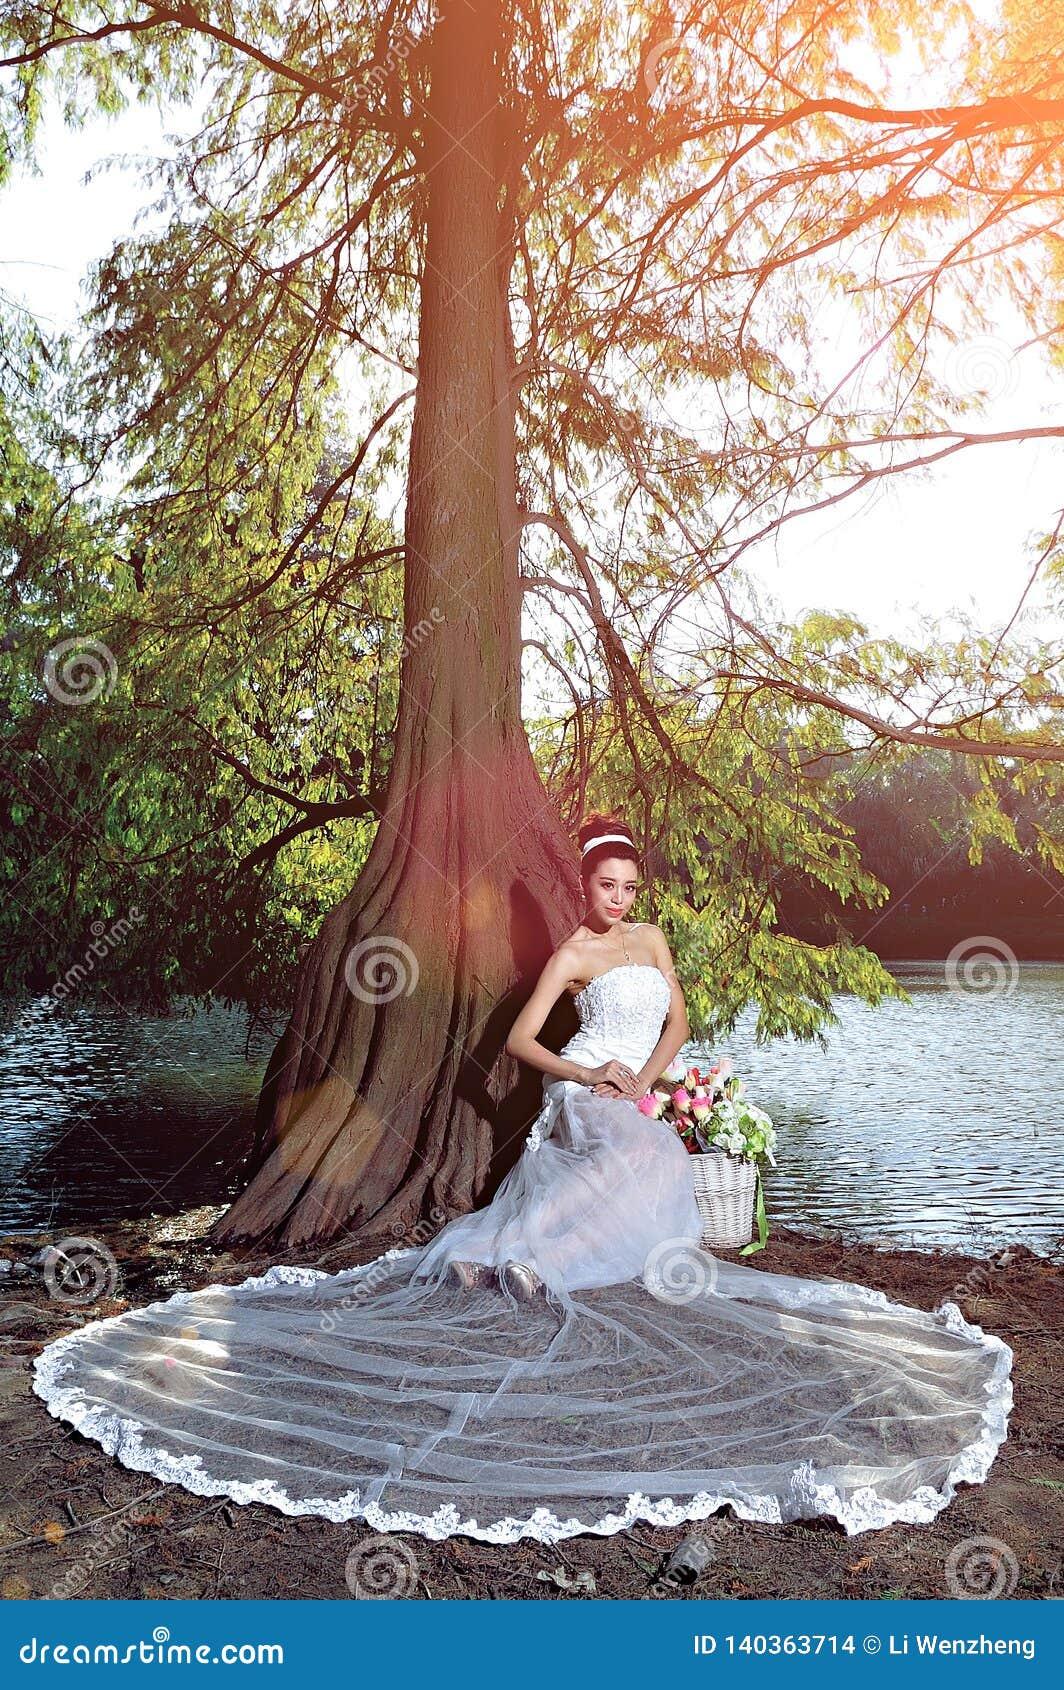 Belle fille asiatique dans une robe l épousant montrant des moments heureux